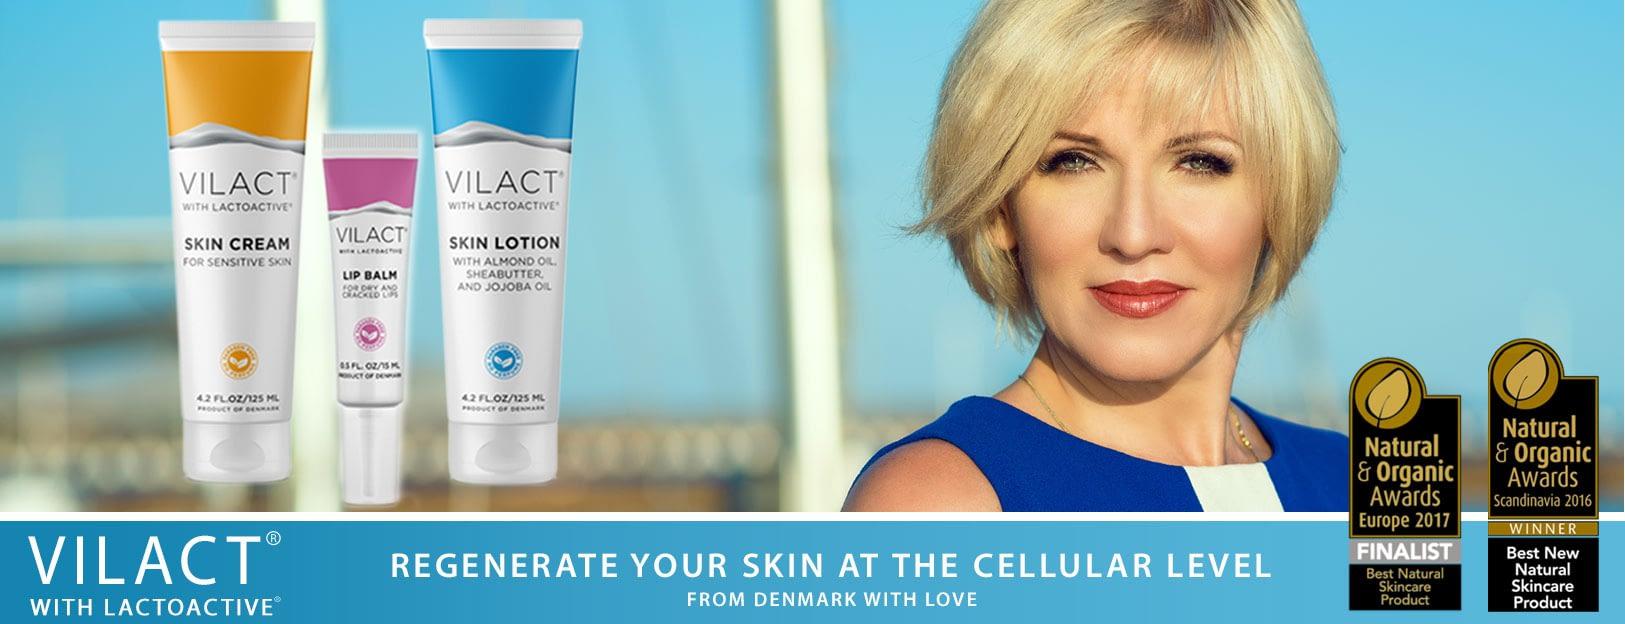 Vilacto Skincare